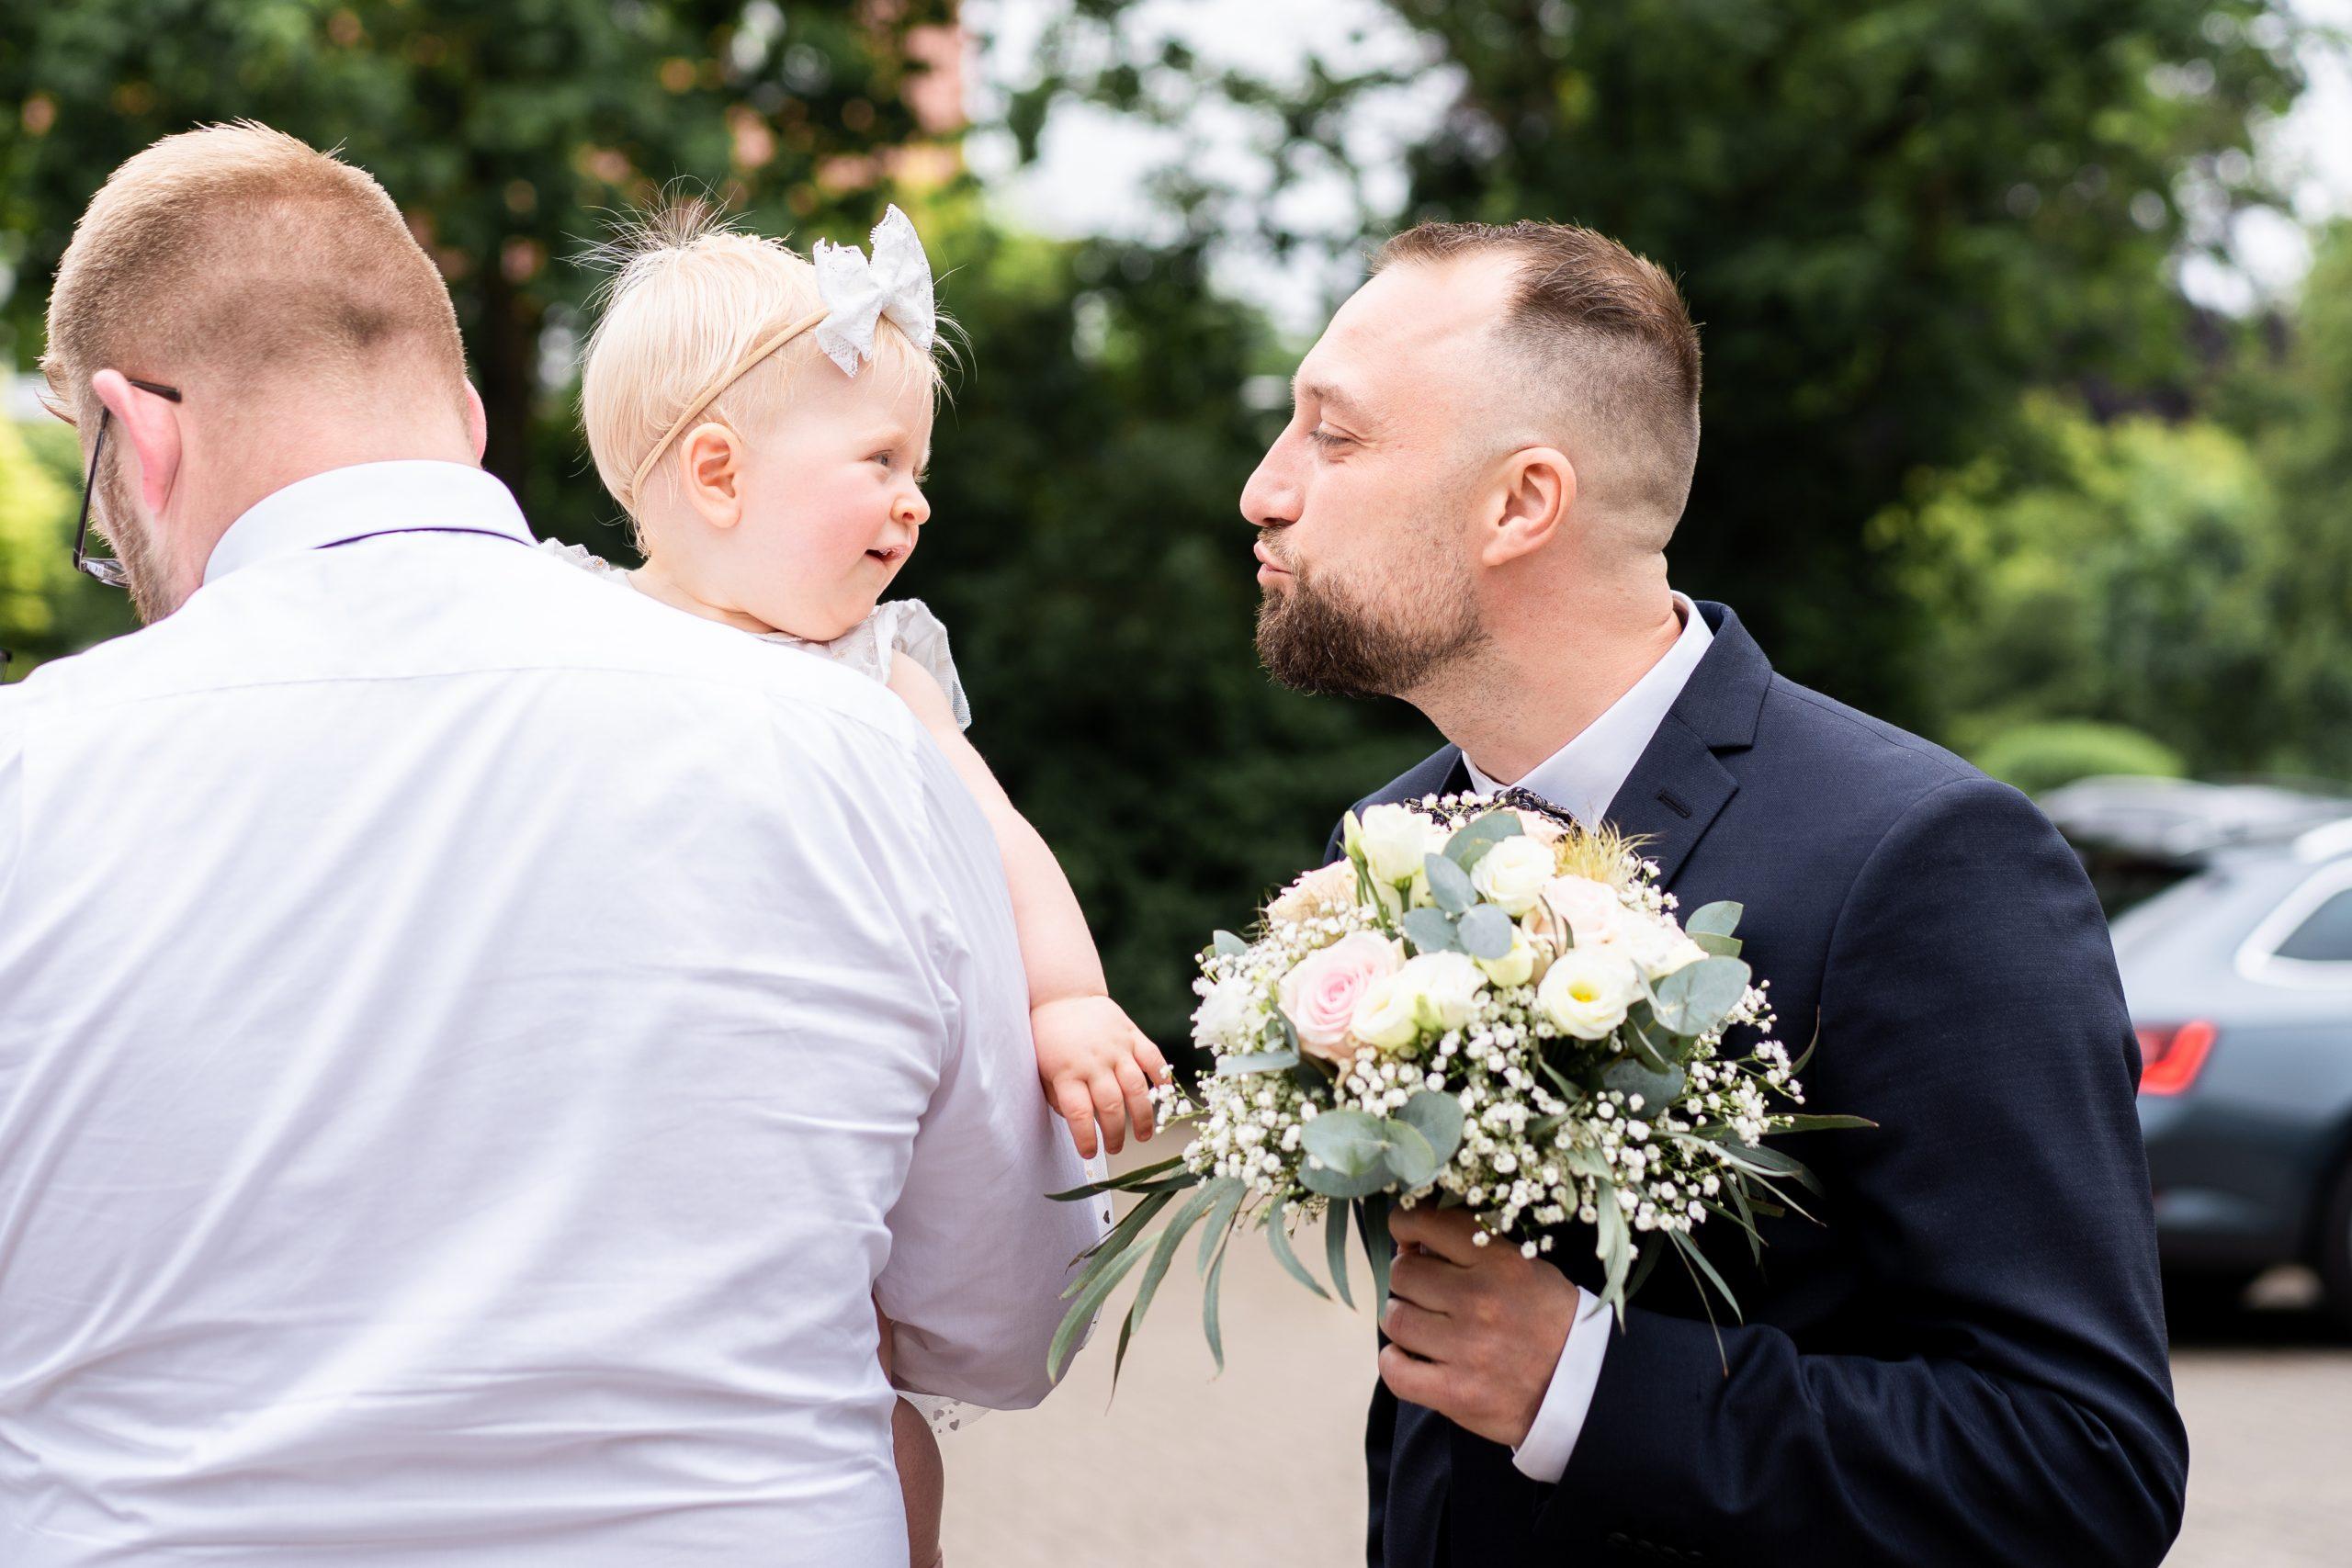 Hochzeitsempfang Familie Hochzeitsgäste Fotograf Weyhe Bräutigam